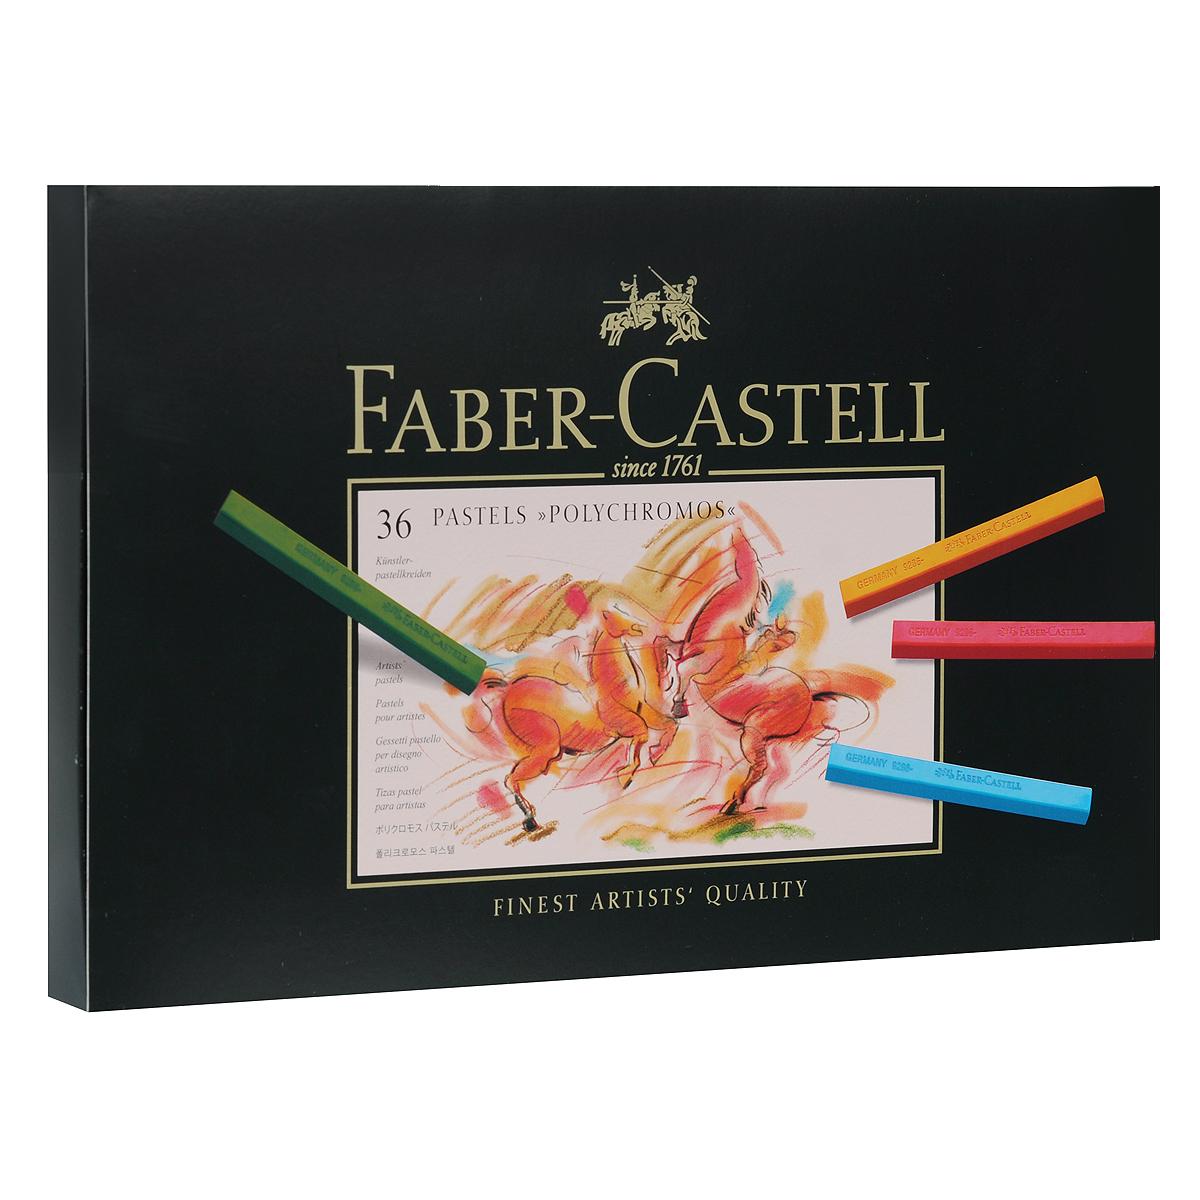 Пастель Faber-Castell Polychromos, 36 шт128536Набор Faber-Castell Polychromos содержит пастель прямоугольной формы в виде мелков 36 цветов - от ярких активных тонов до приглушенных оттенков. Пастель великолепного качества не крошится при работе, обладает отличными кроющими свойствами, обеспечивает хорошее сцепление с поверхностью, яркость и долговечность изображения. Пастелью Faber-Castell Polychromos можно рисовать в любой технике, сочетая ее с цветными карандашами и красками.